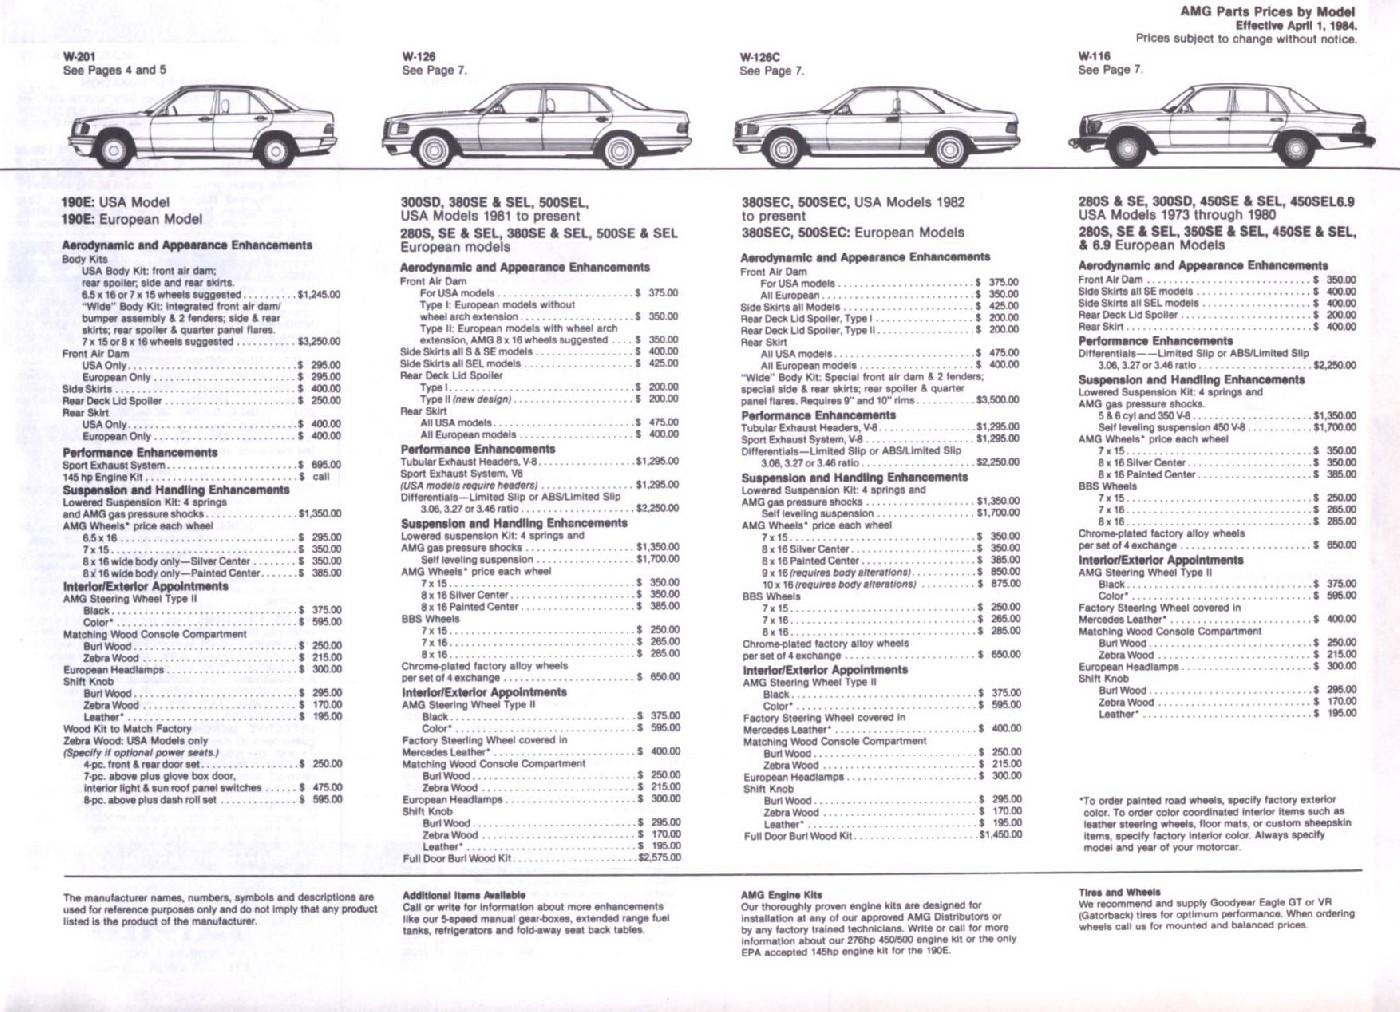 (CATÁLOGO): Acessórios e opcionais AMG 1984 683c3710